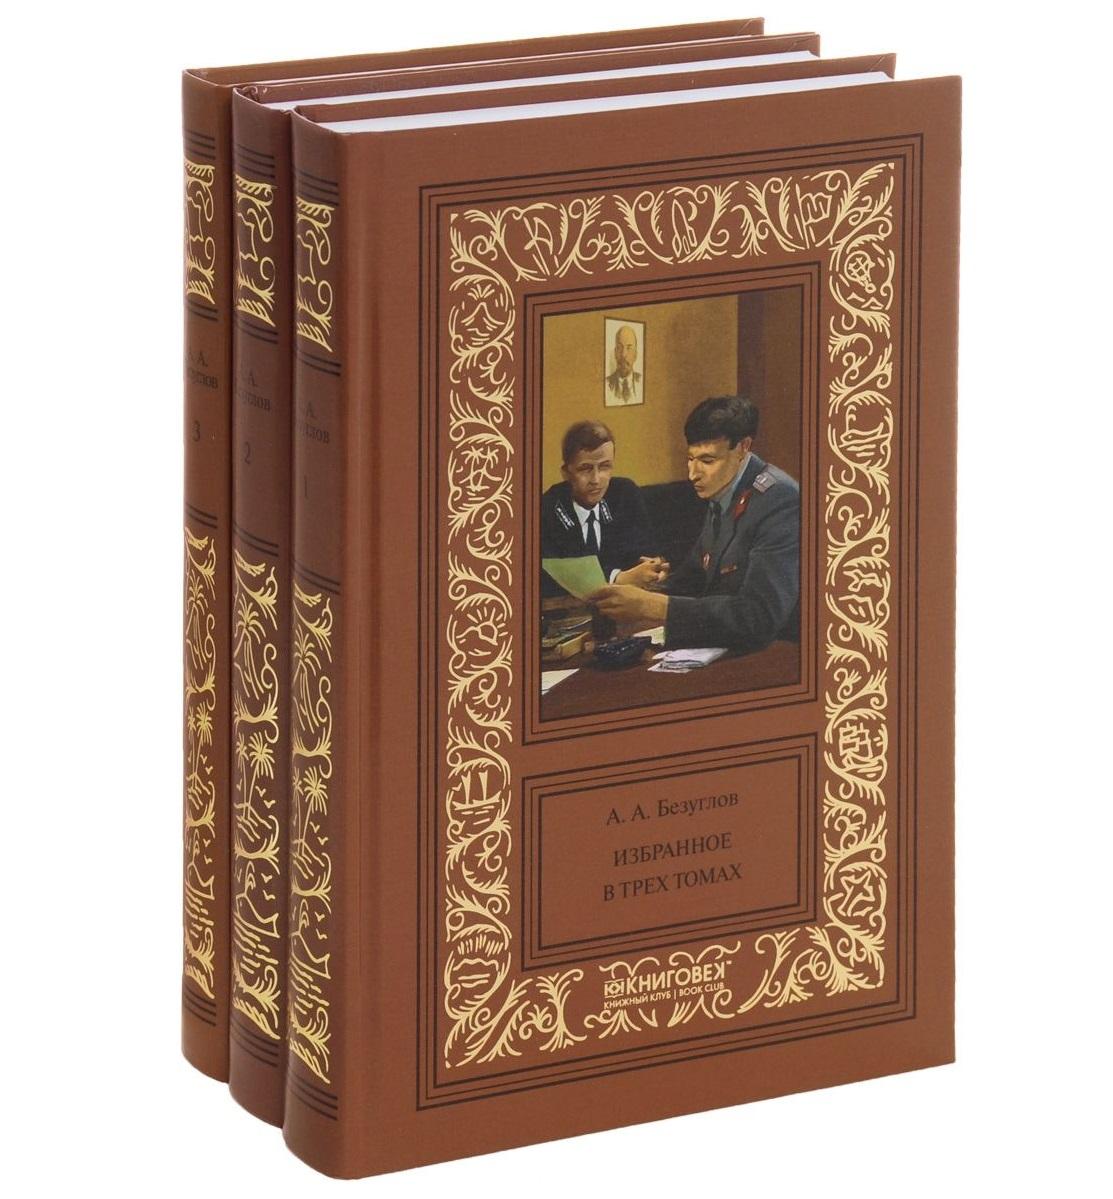 Безуглов А. А.А. Безуглов. Избранное в трех томах (комплект из 3 книг) а с пушкин сочинения в 3 томах комплект из 3 книг